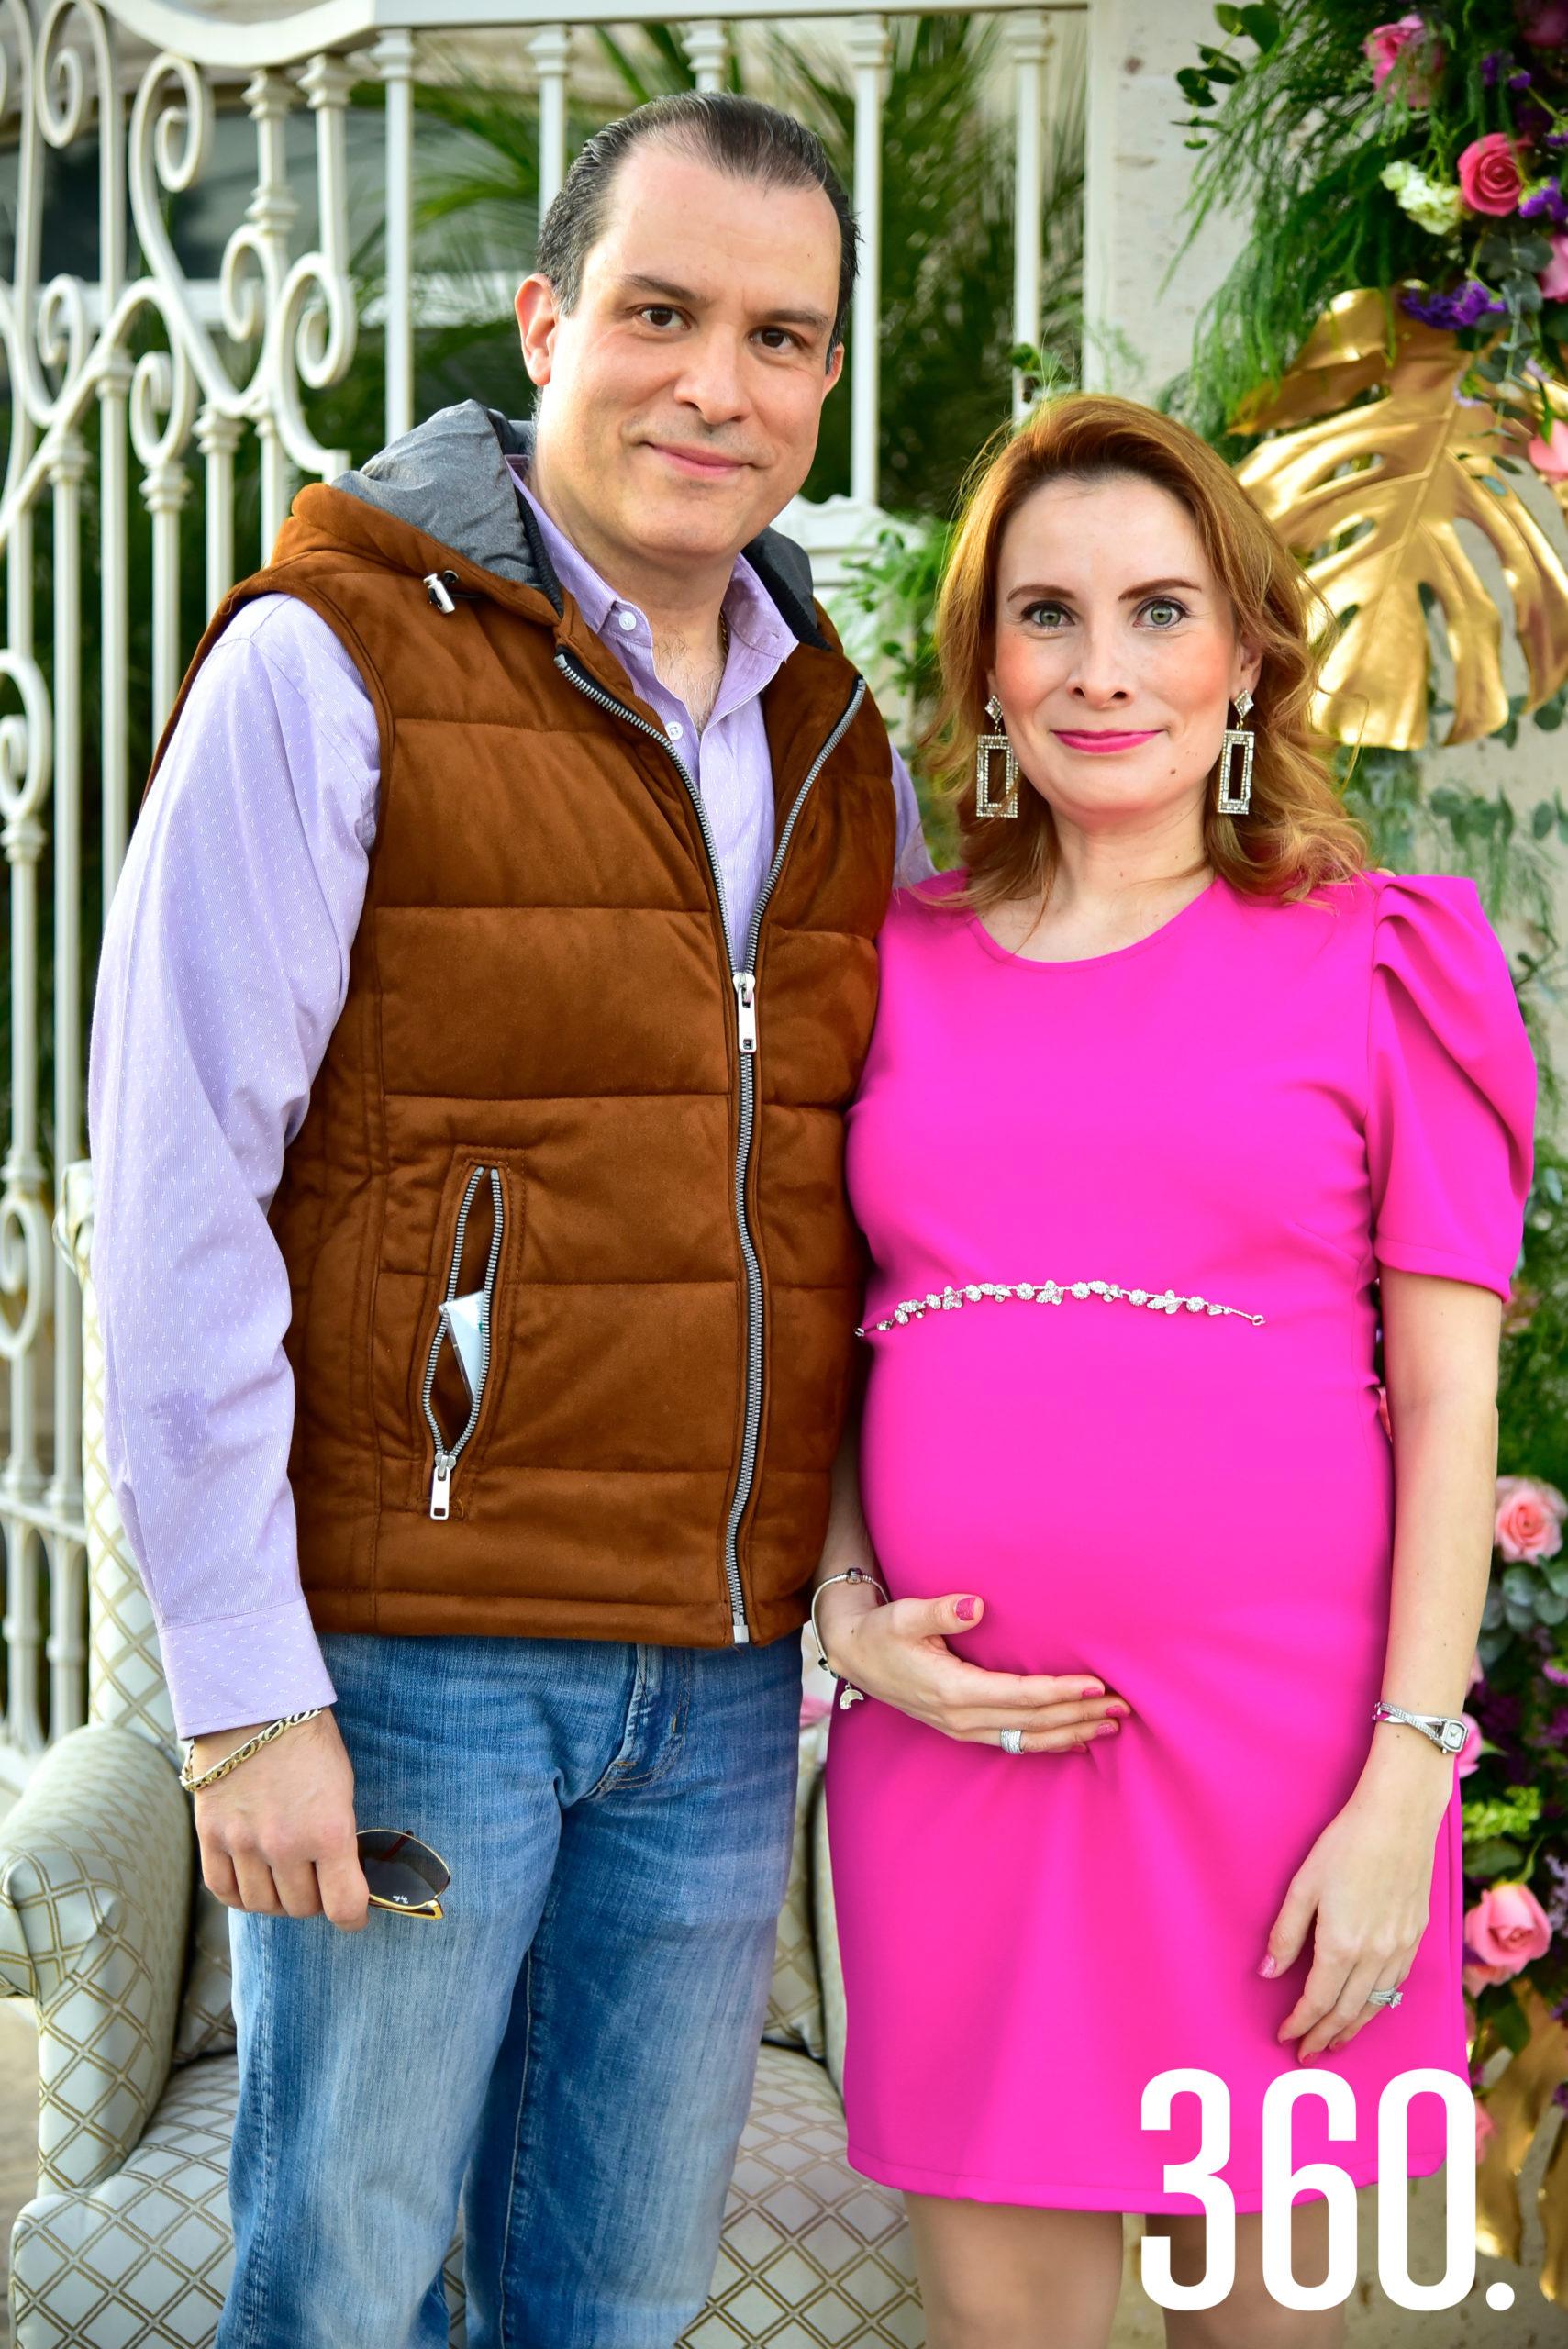 Perla Almaguer y su esposo Pedro Espino.